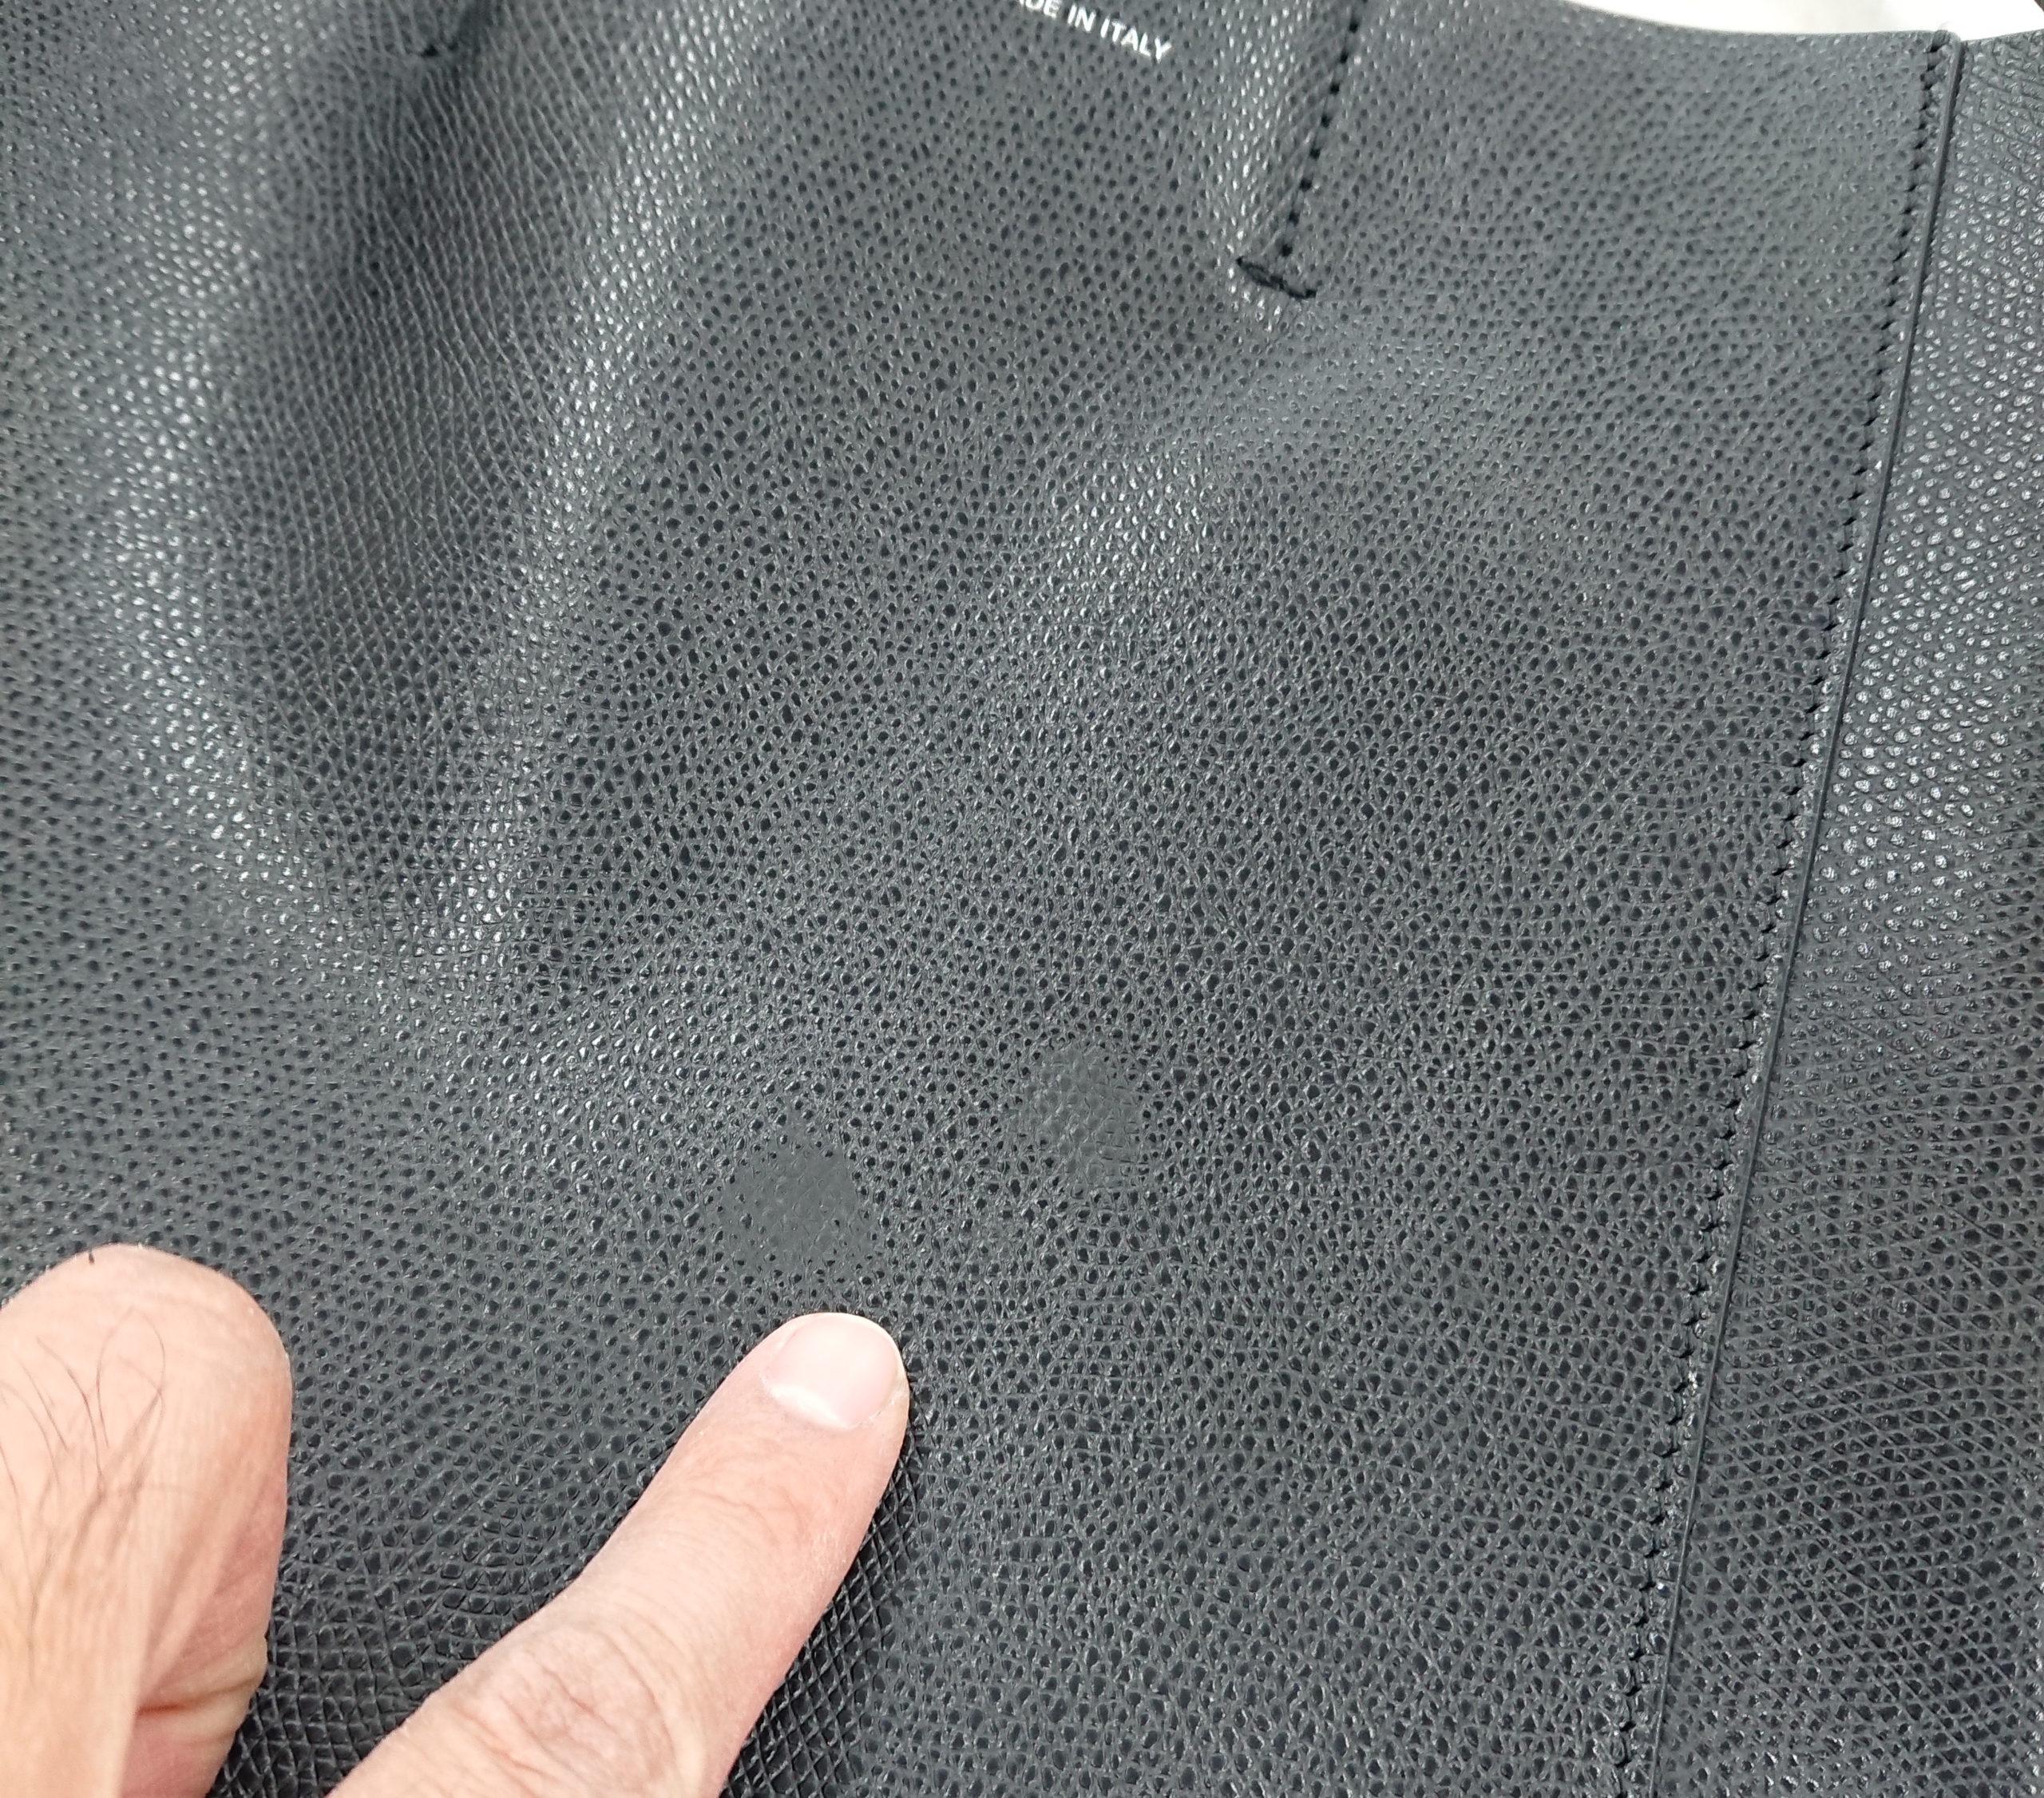 セリーヌ(Ceilne) 黒トートバッグの部分色補修をご紹介